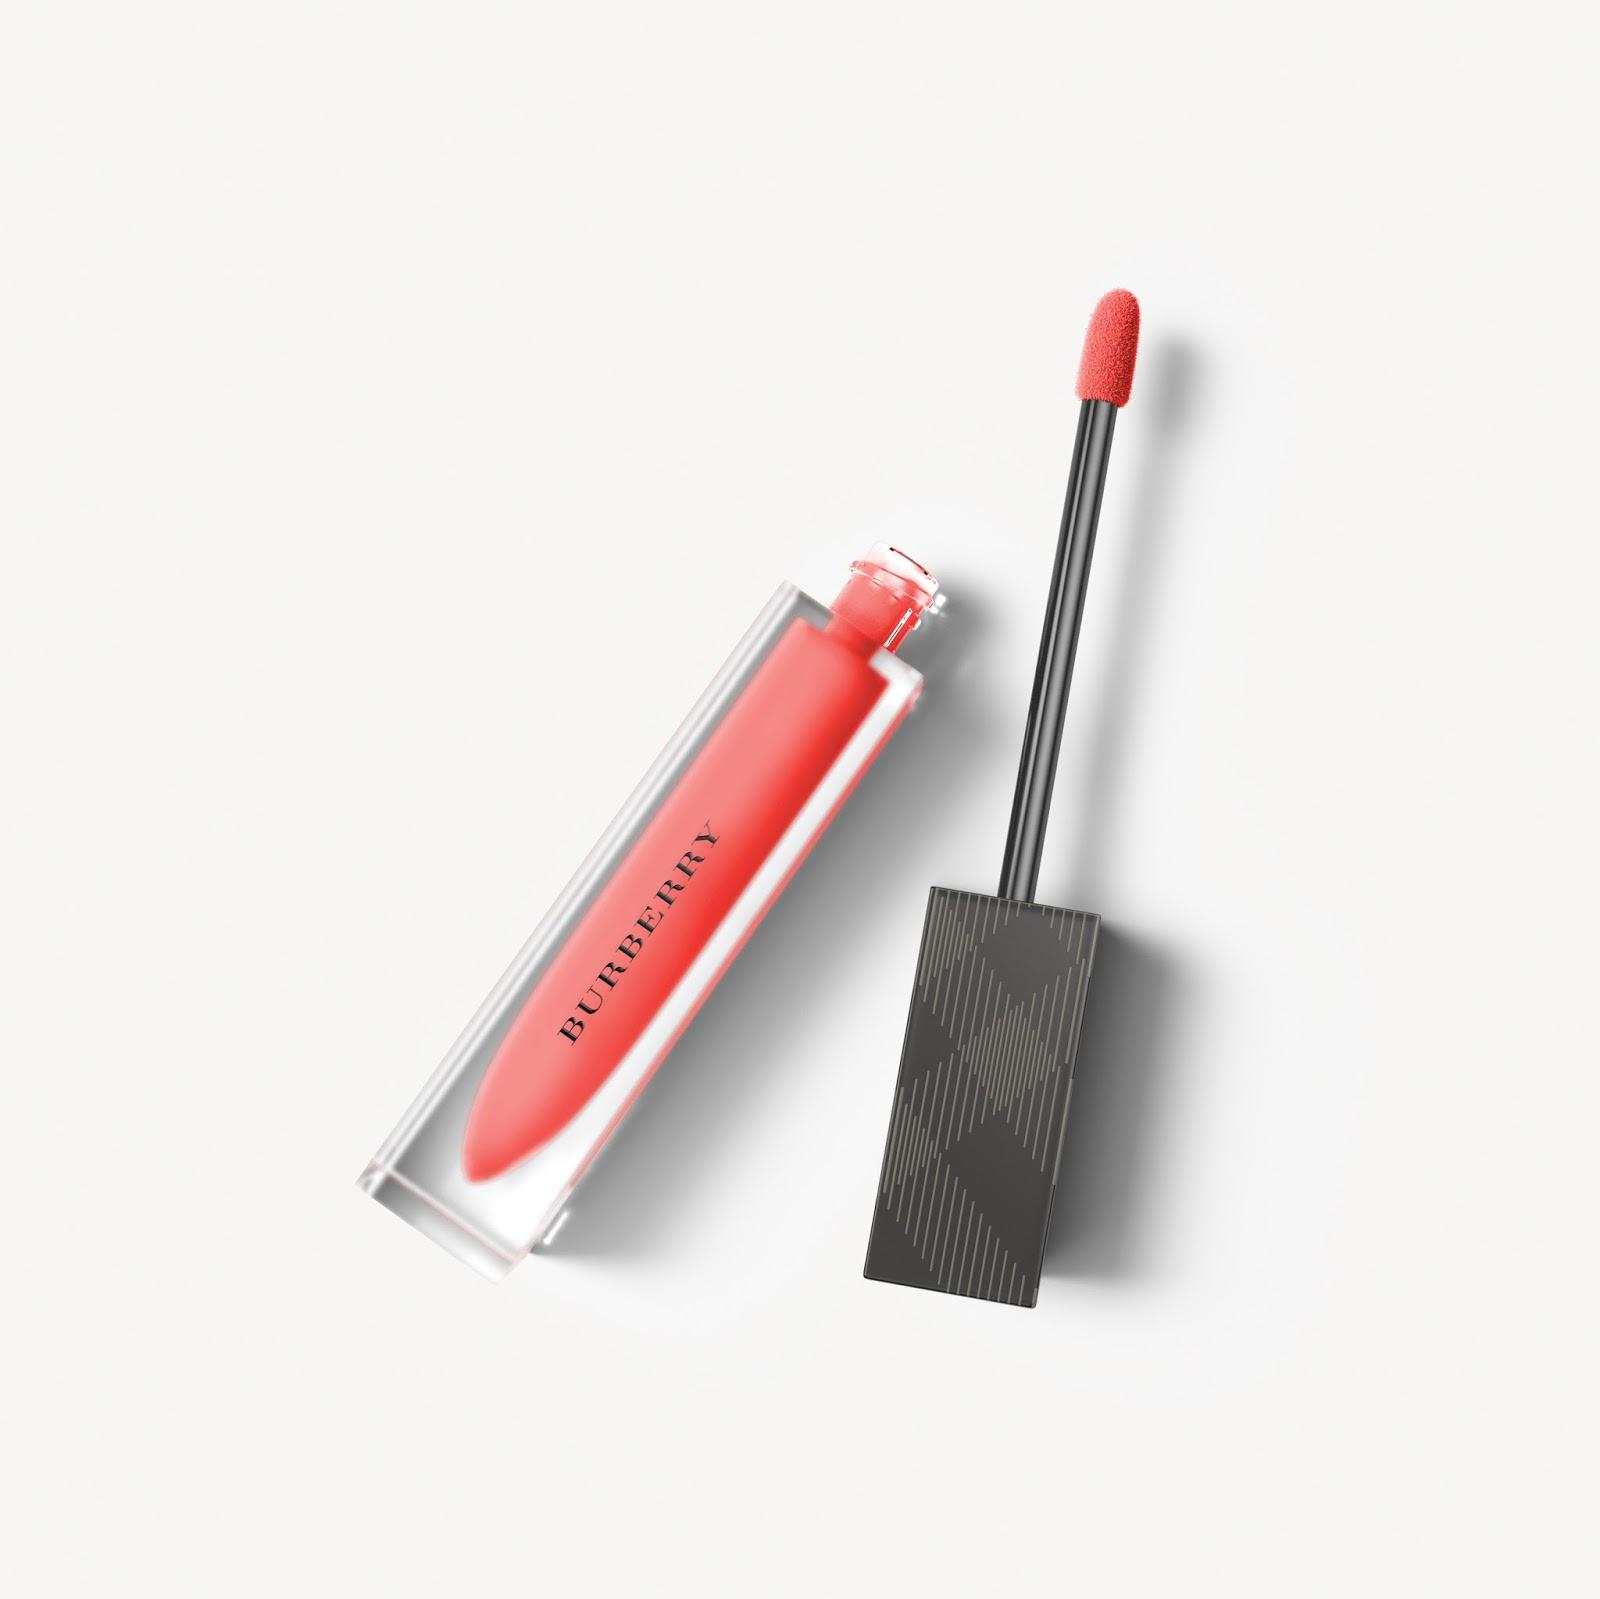 Burberry Liquid Lip Velvet iris law regiment red no 37